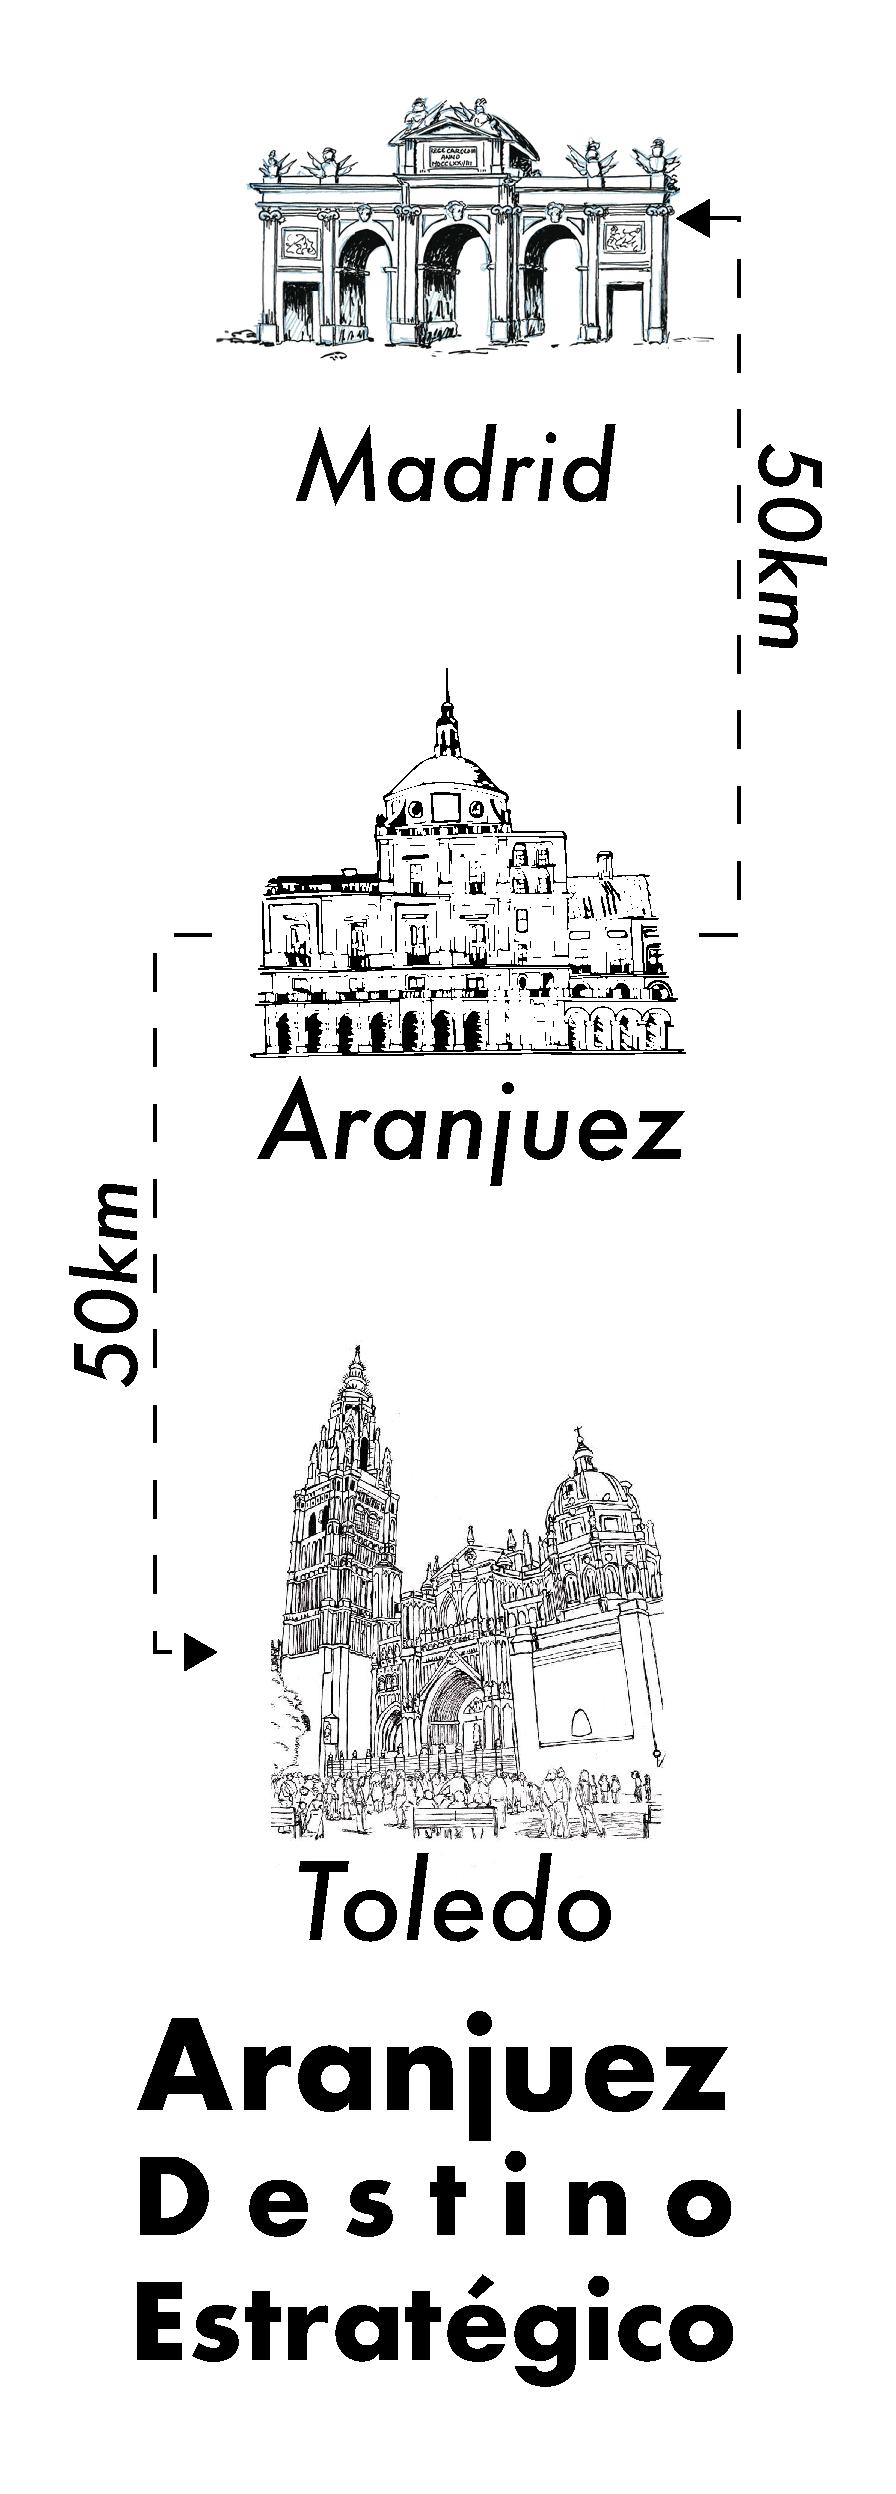 Aranjuez Madrid Toledo